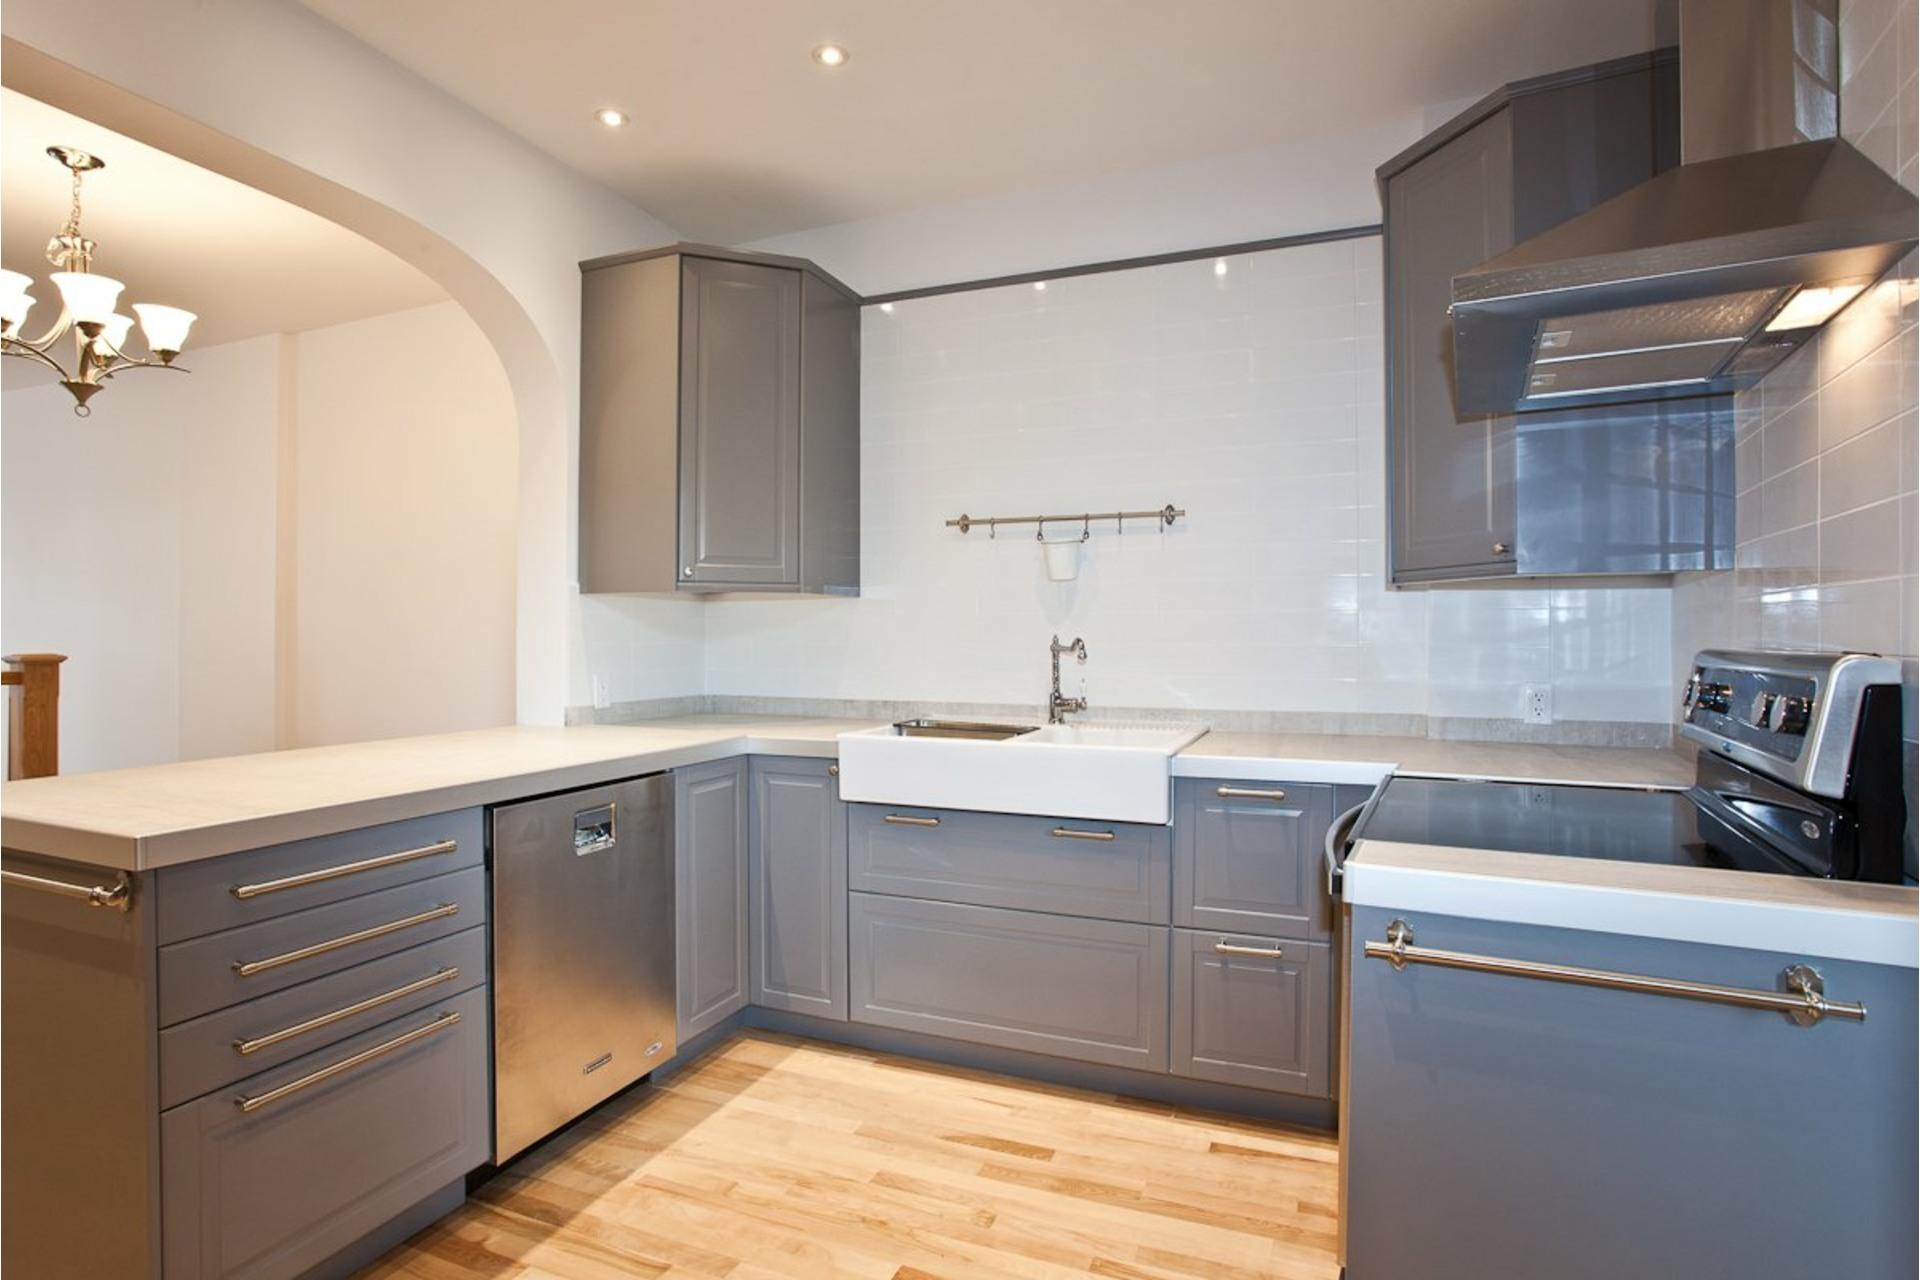 image 9 - Appartement À louer Côte-des-Neiges/Notre-Dame-de-Grâce Montréal  - 7 pièces